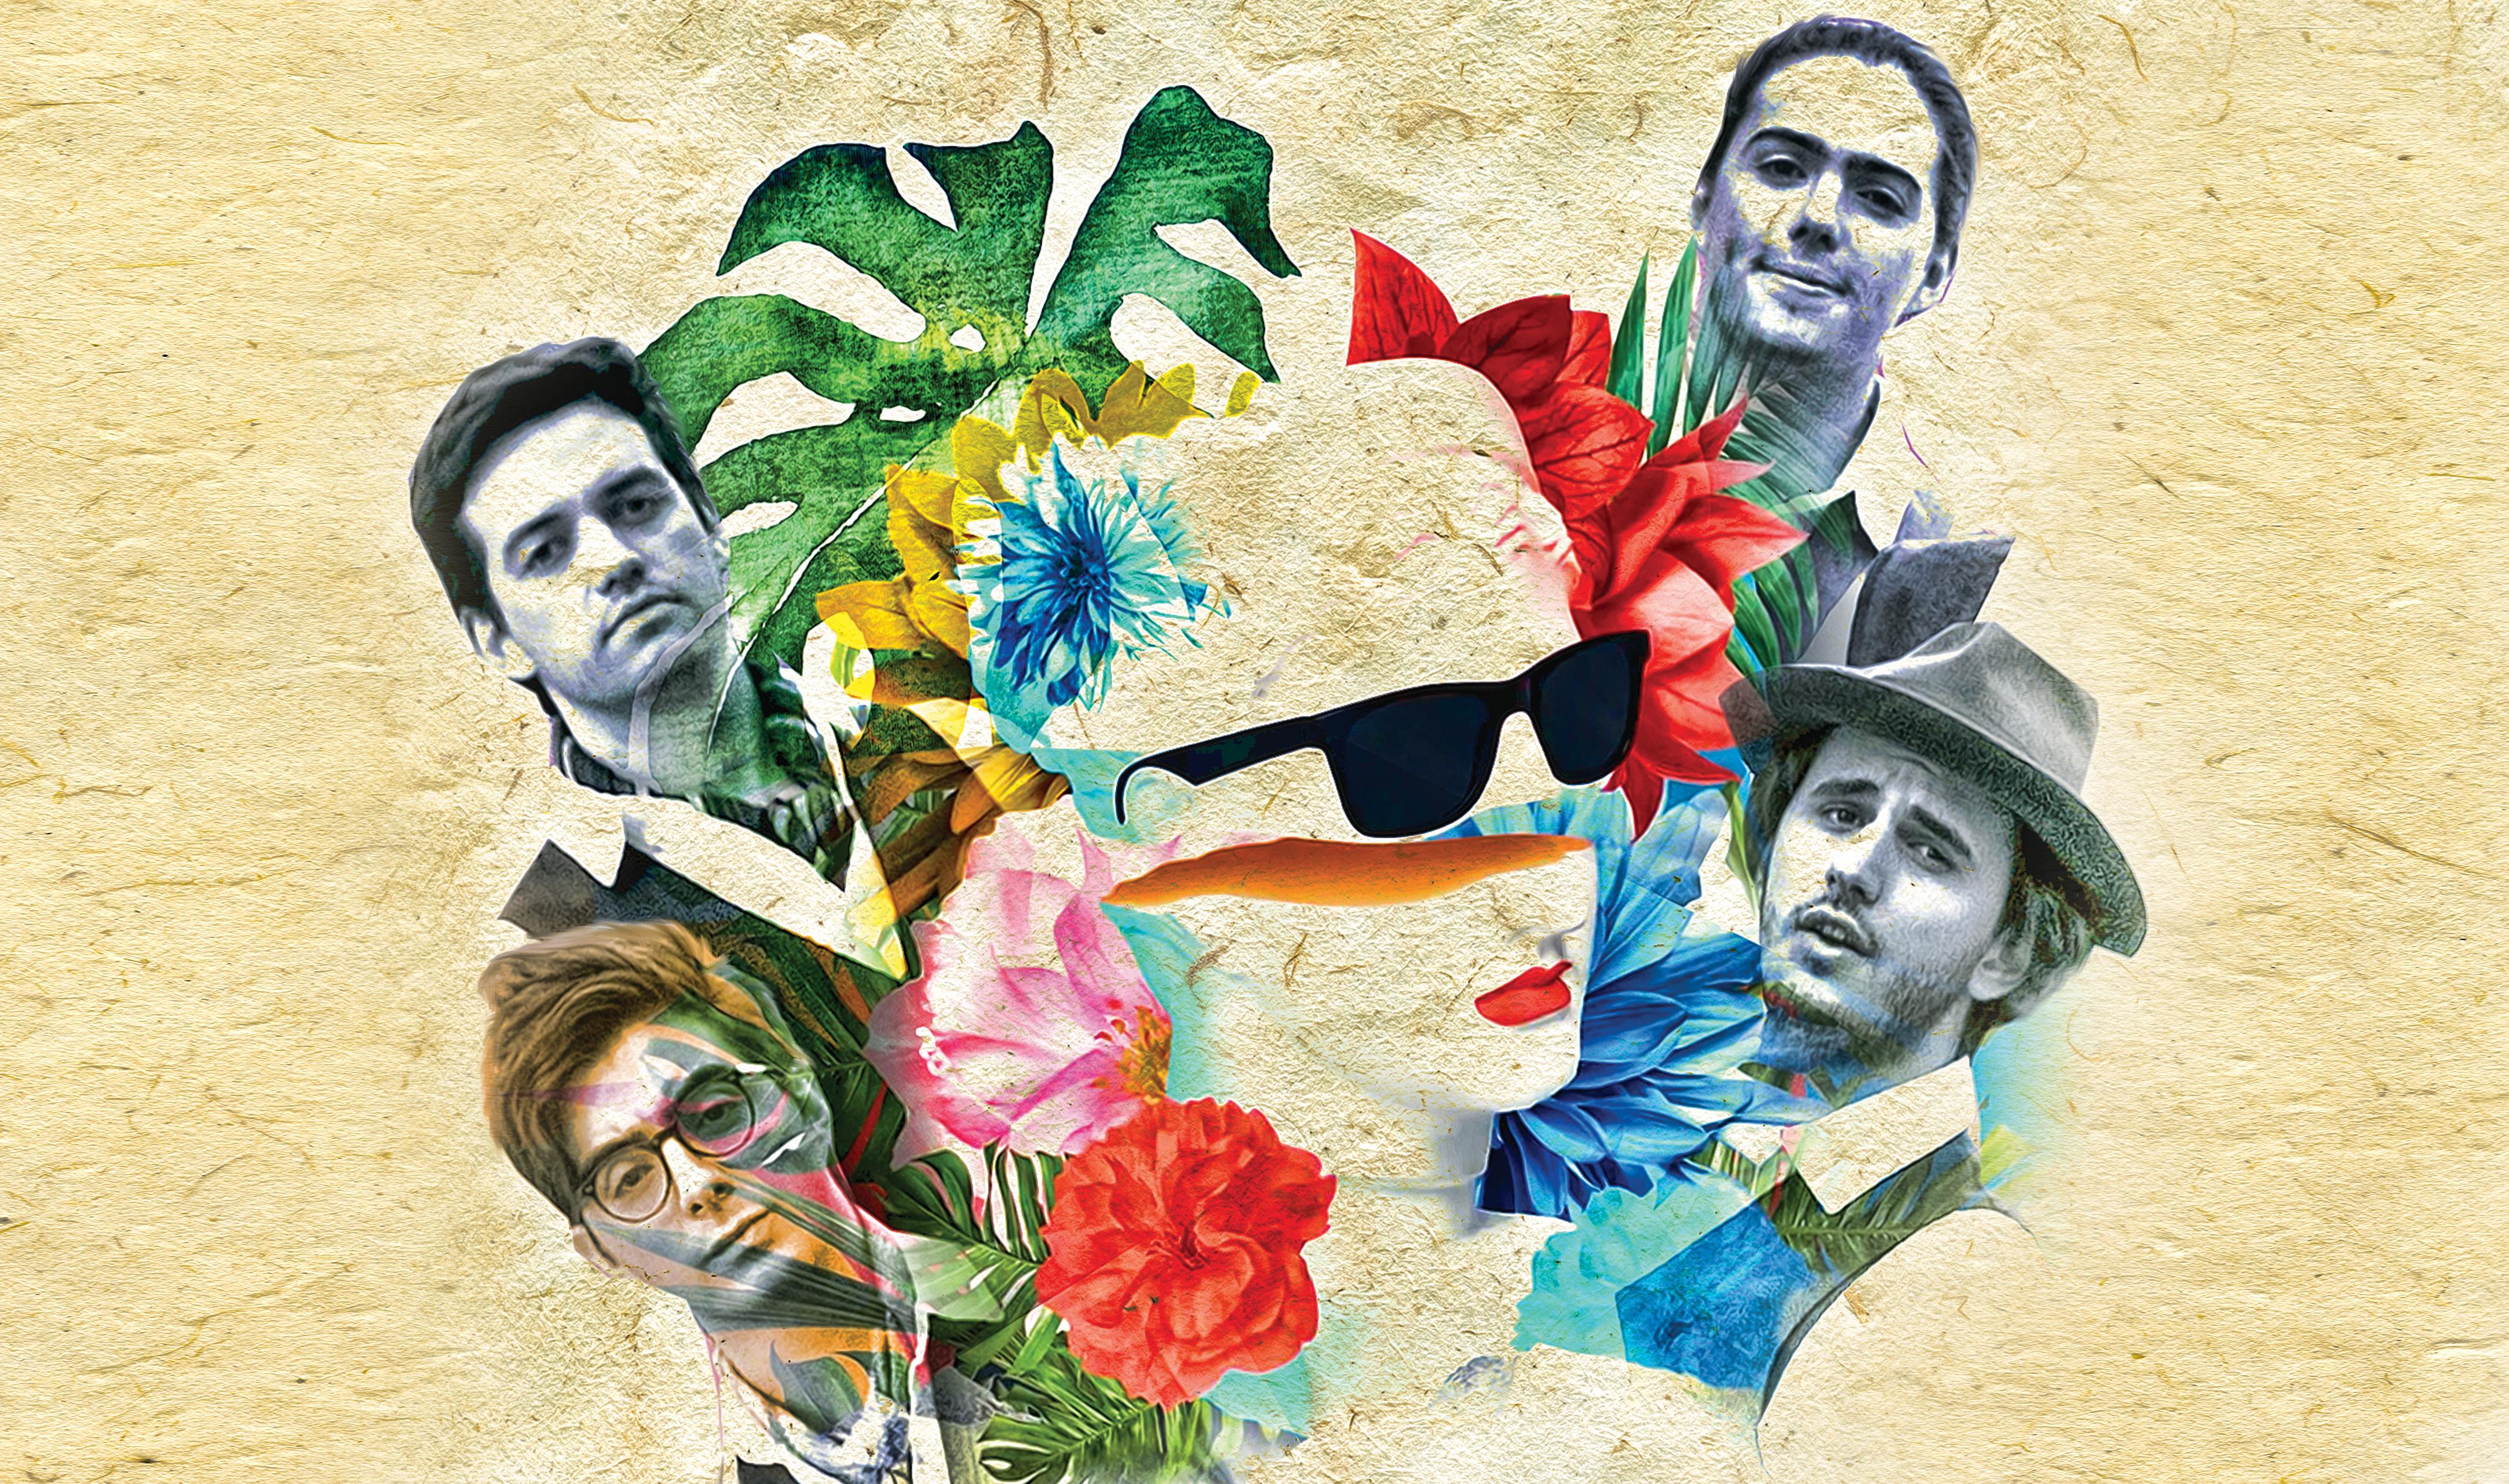 El grupo colombiano Morat se unió a la celebración de Zoé